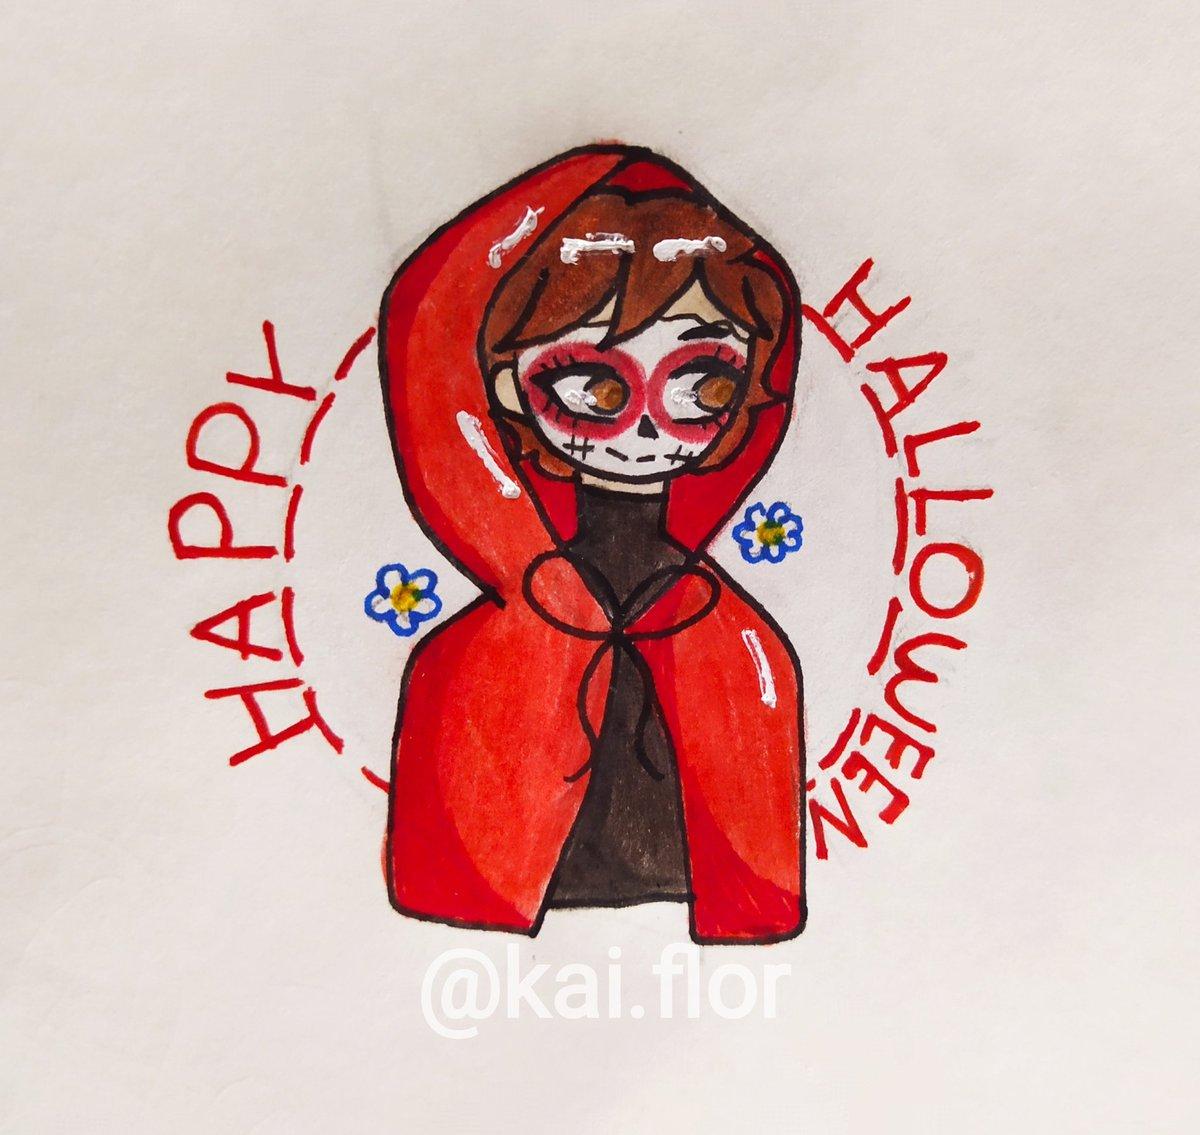 Subo este dibujo para tener algo gente XD, es el icon que cree para Halloween, decidí juntar a Caperucita Roja y una Catrina (me encantan ❤u❤)  #draw #dibujo #Hallowen #icon #artista https://t.co/iJivcfHMQz